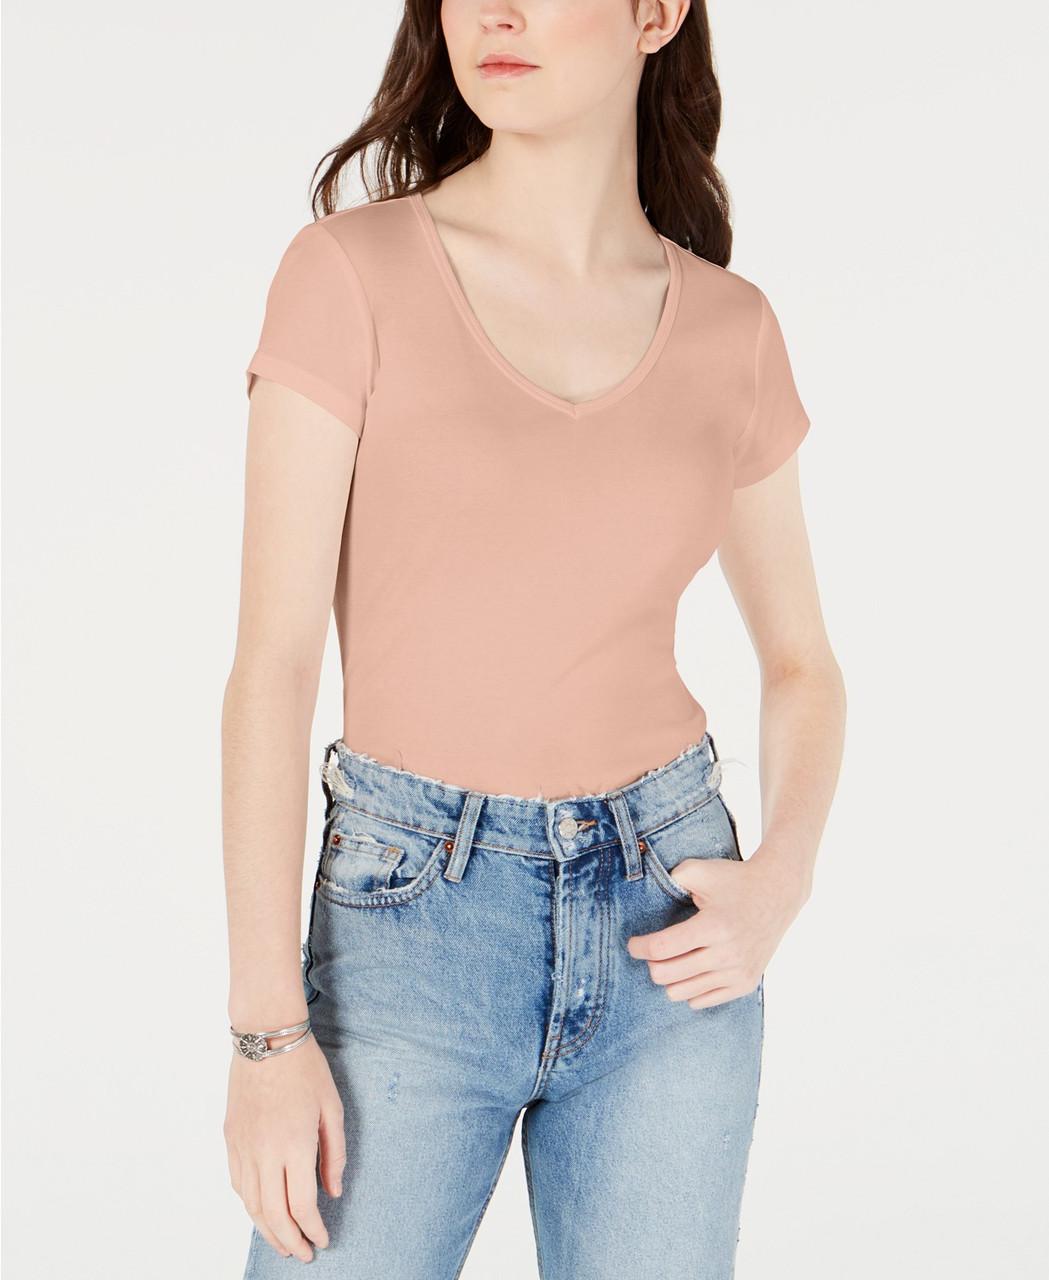 Ultra Flirt Женская футболка -Т1